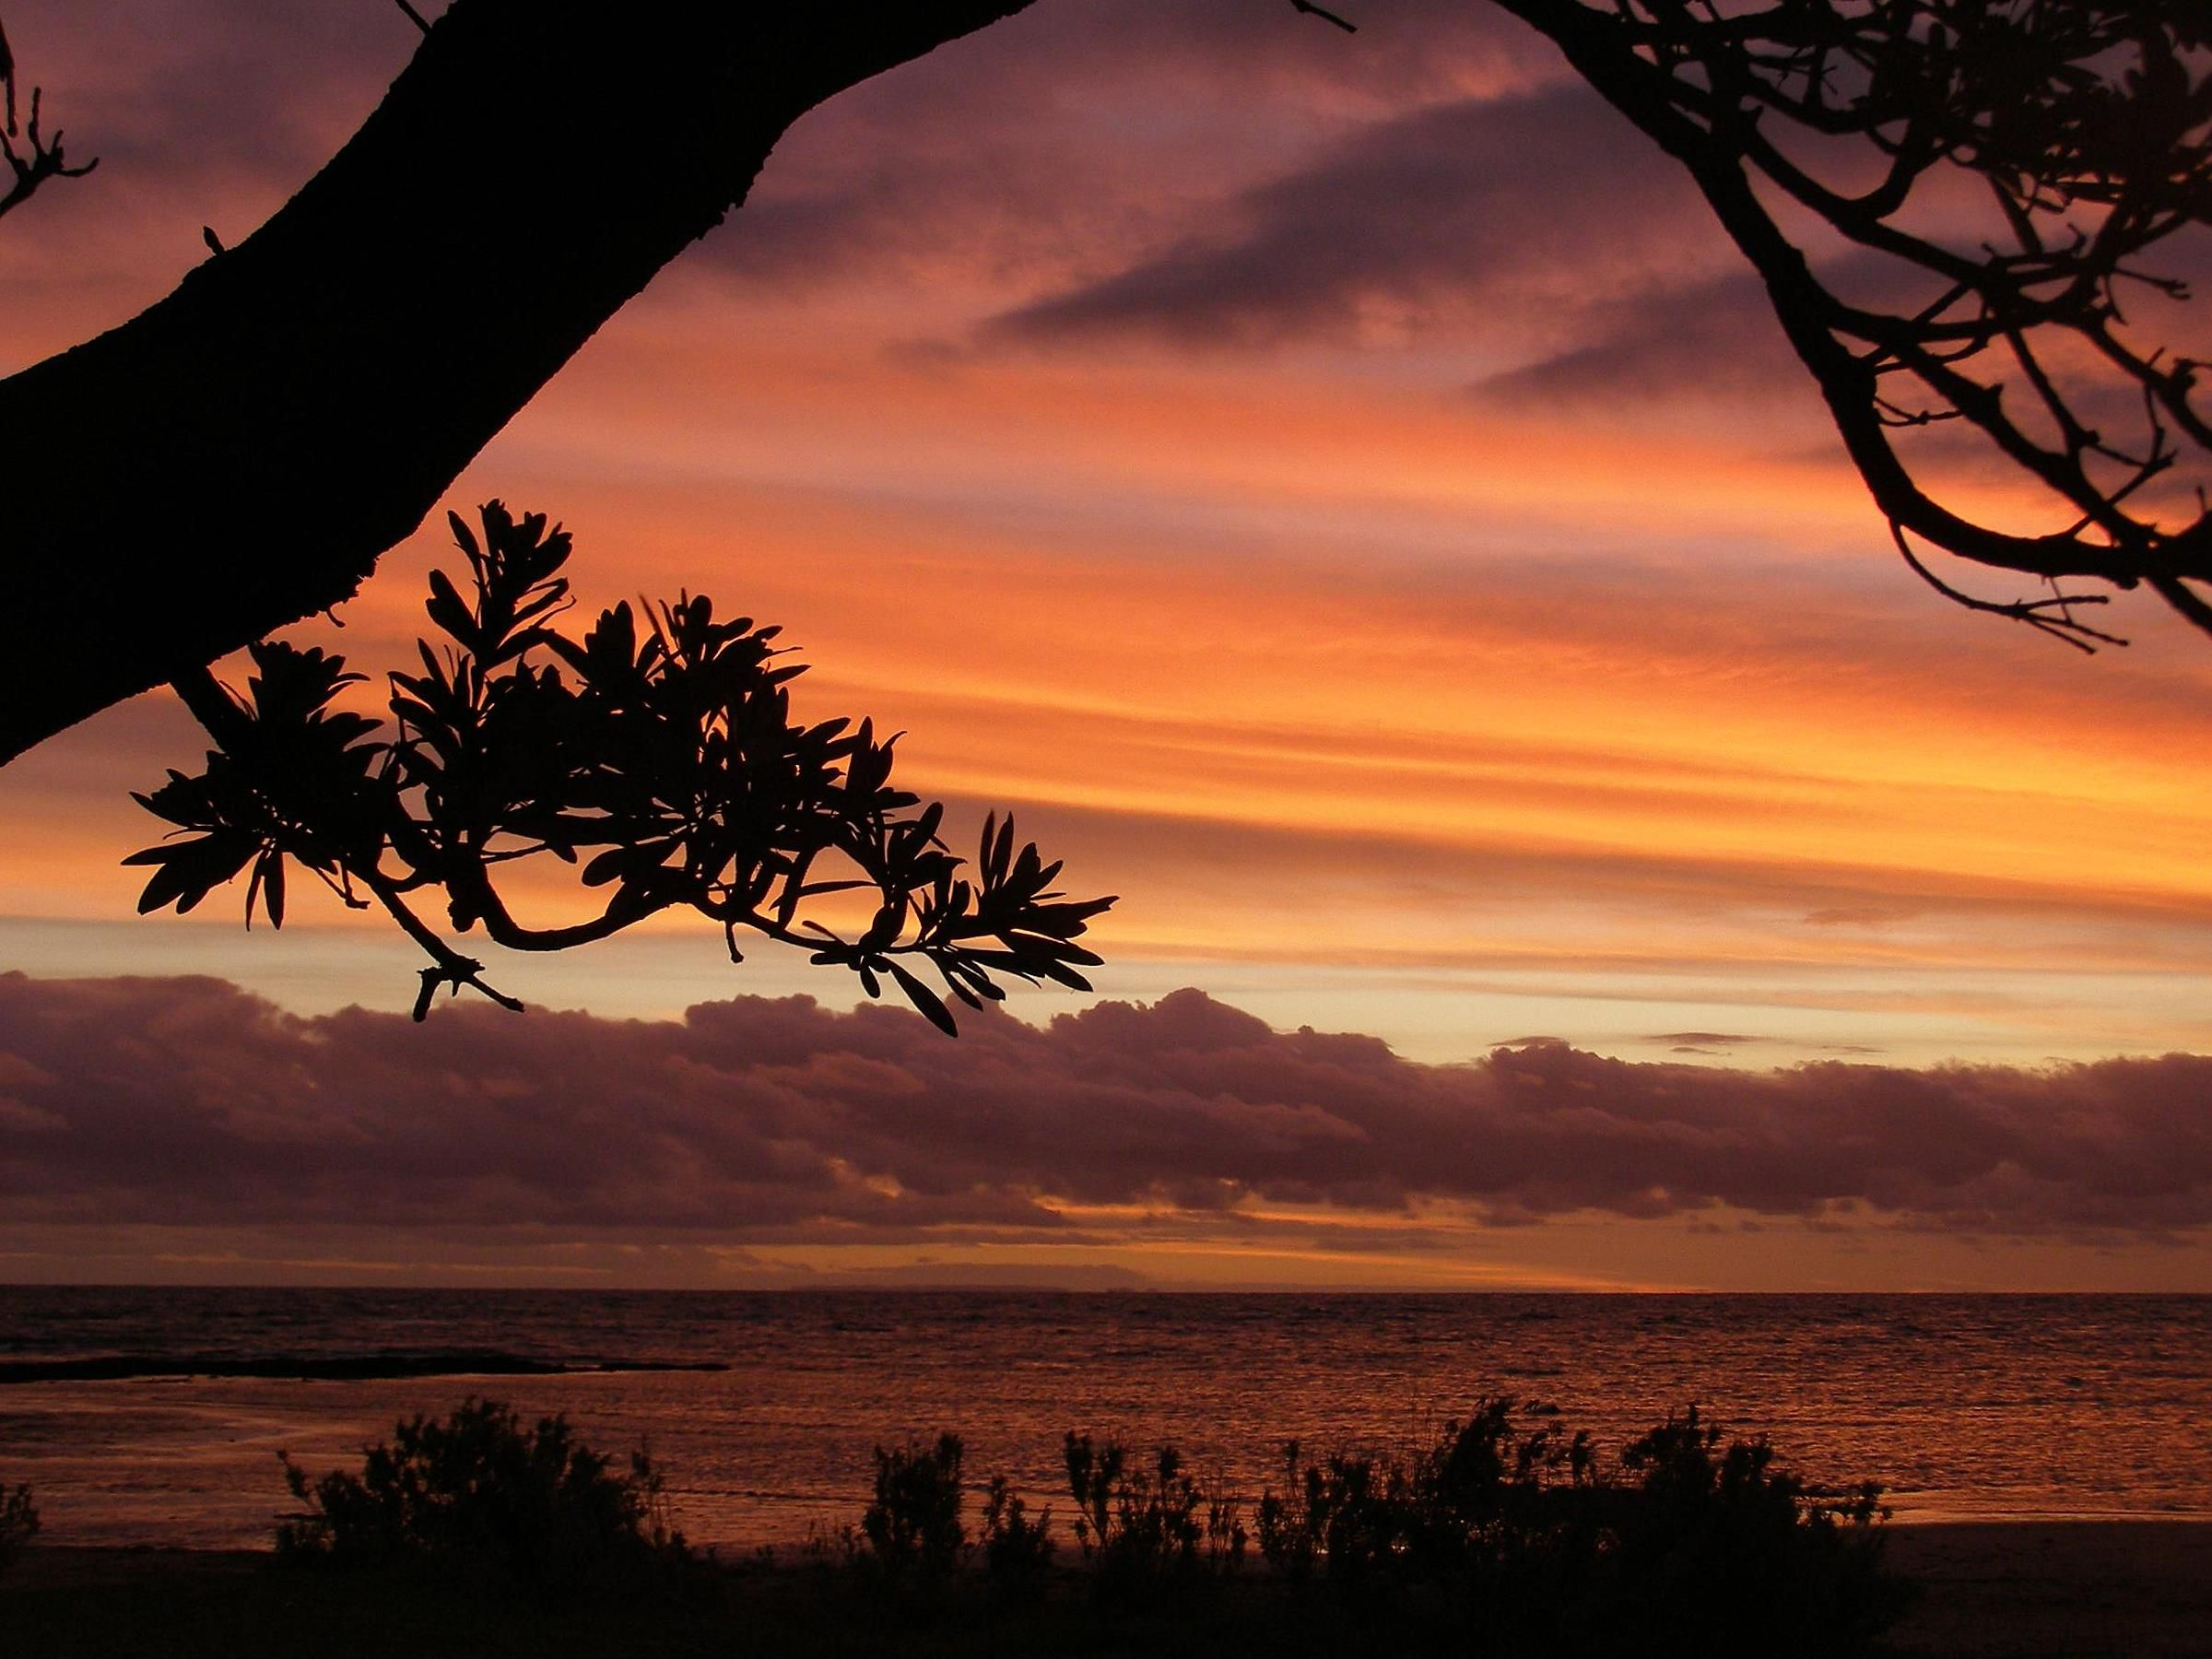 Rickett's Point Sunset photos, Sunrise sunset, Sunset